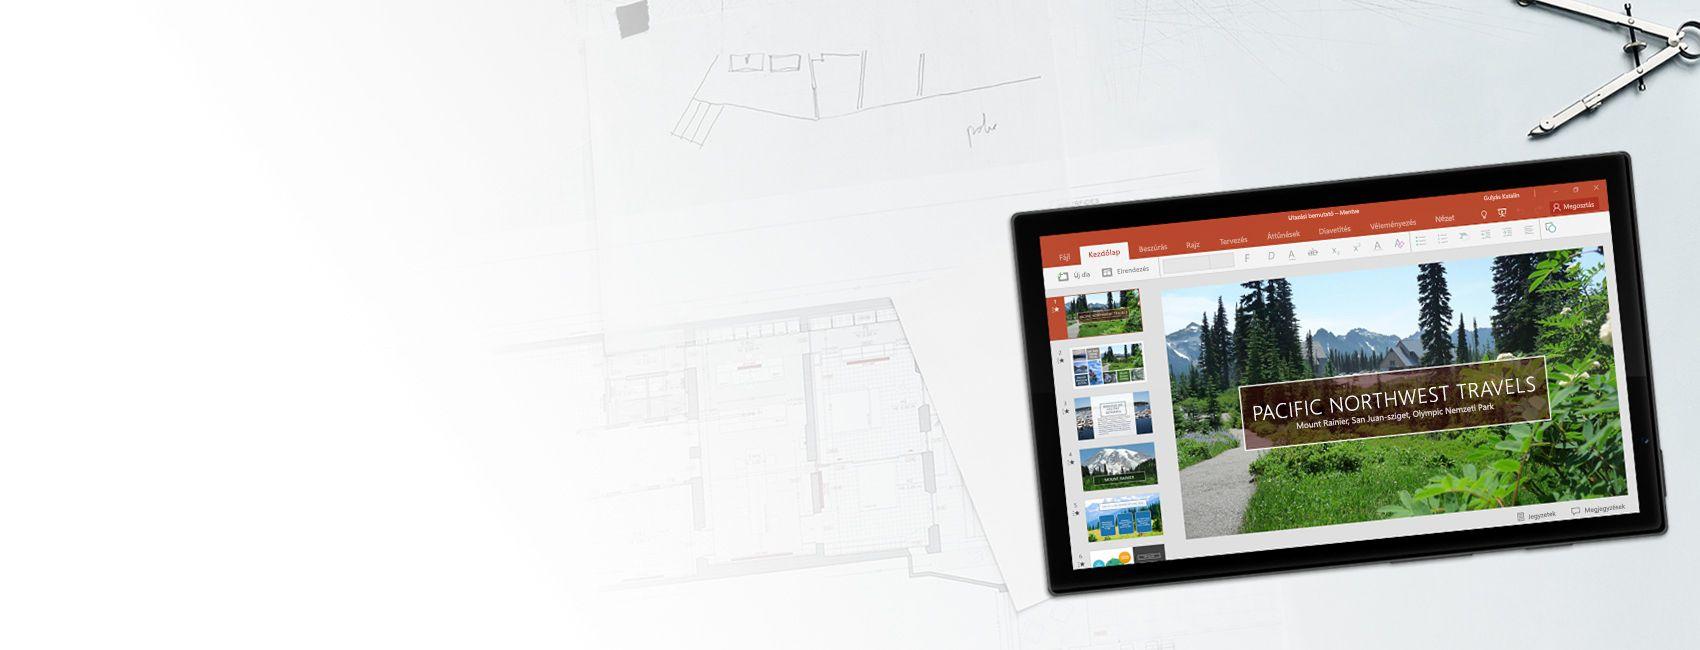 Windows-táblagép, melynek a képernyőjén egy PowerPoint-bemutató látható a Pacific Northwest Travels cégről a Windows 10 Mobile-hoz készült PowerPoint appban